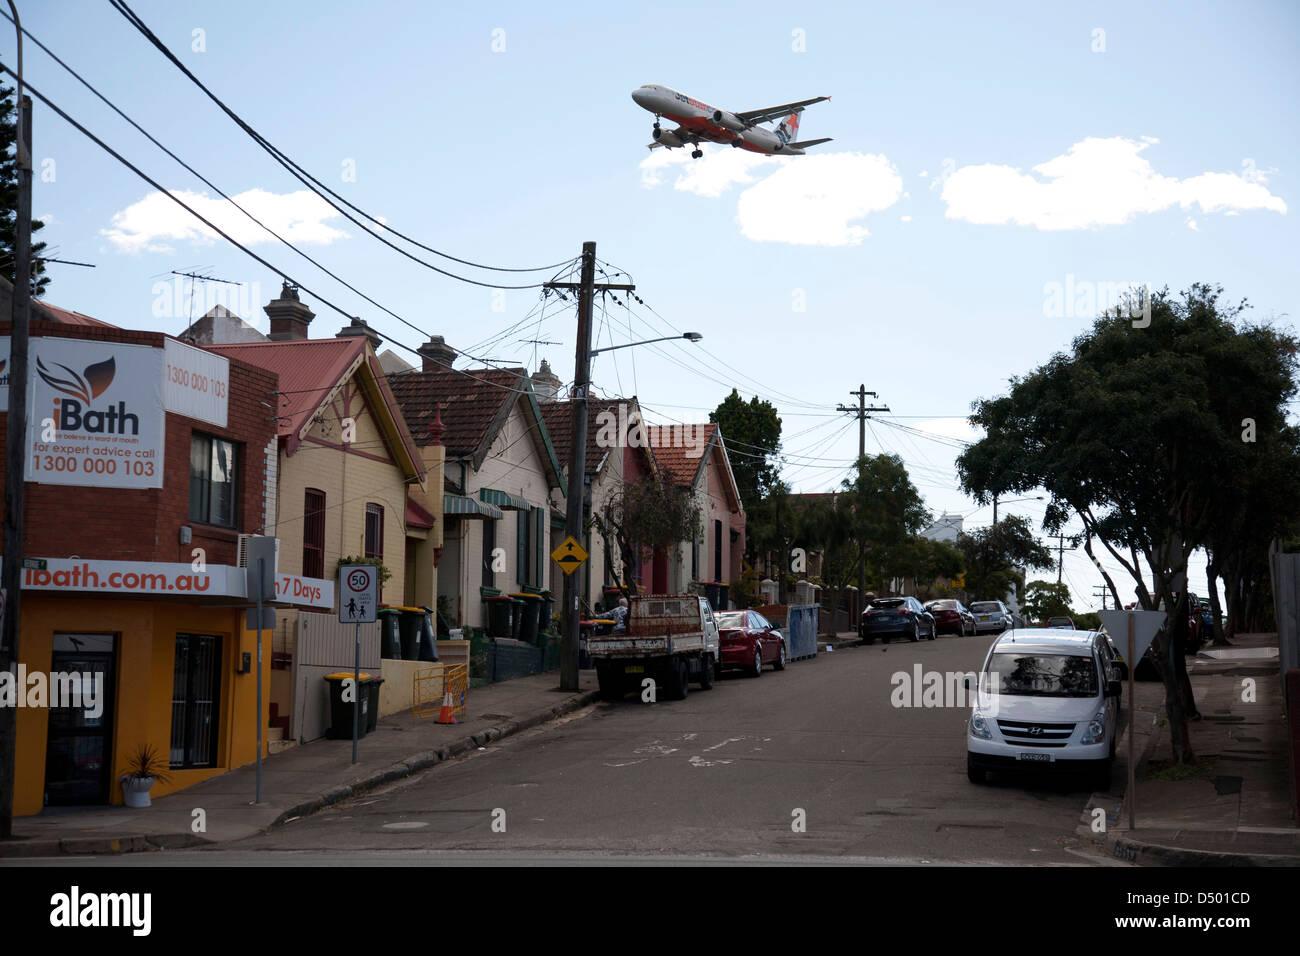 Bruit des avions à réaction sur l'approche à l'atterrissage à l'aéroport de Sydney Australie Sydney St Peters Banque D'Images